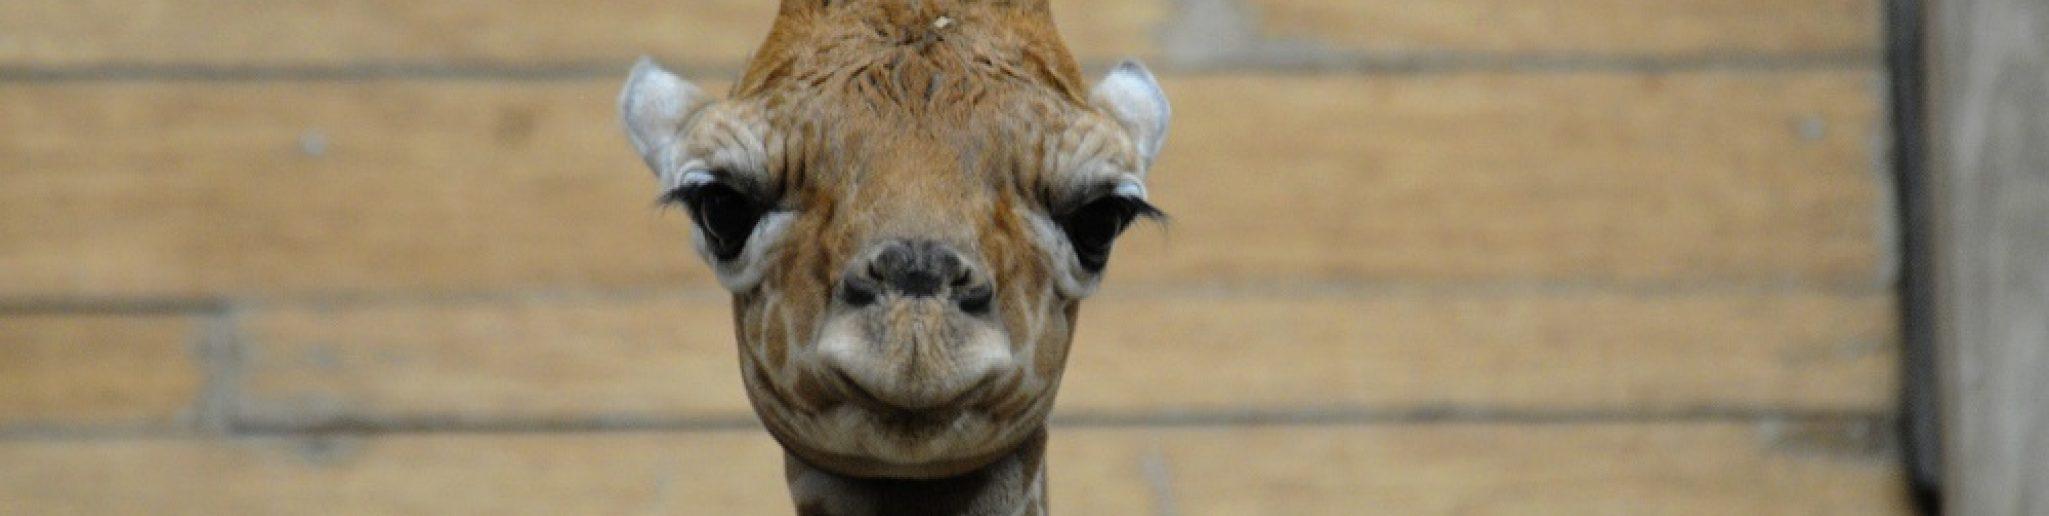 newly born giraffe